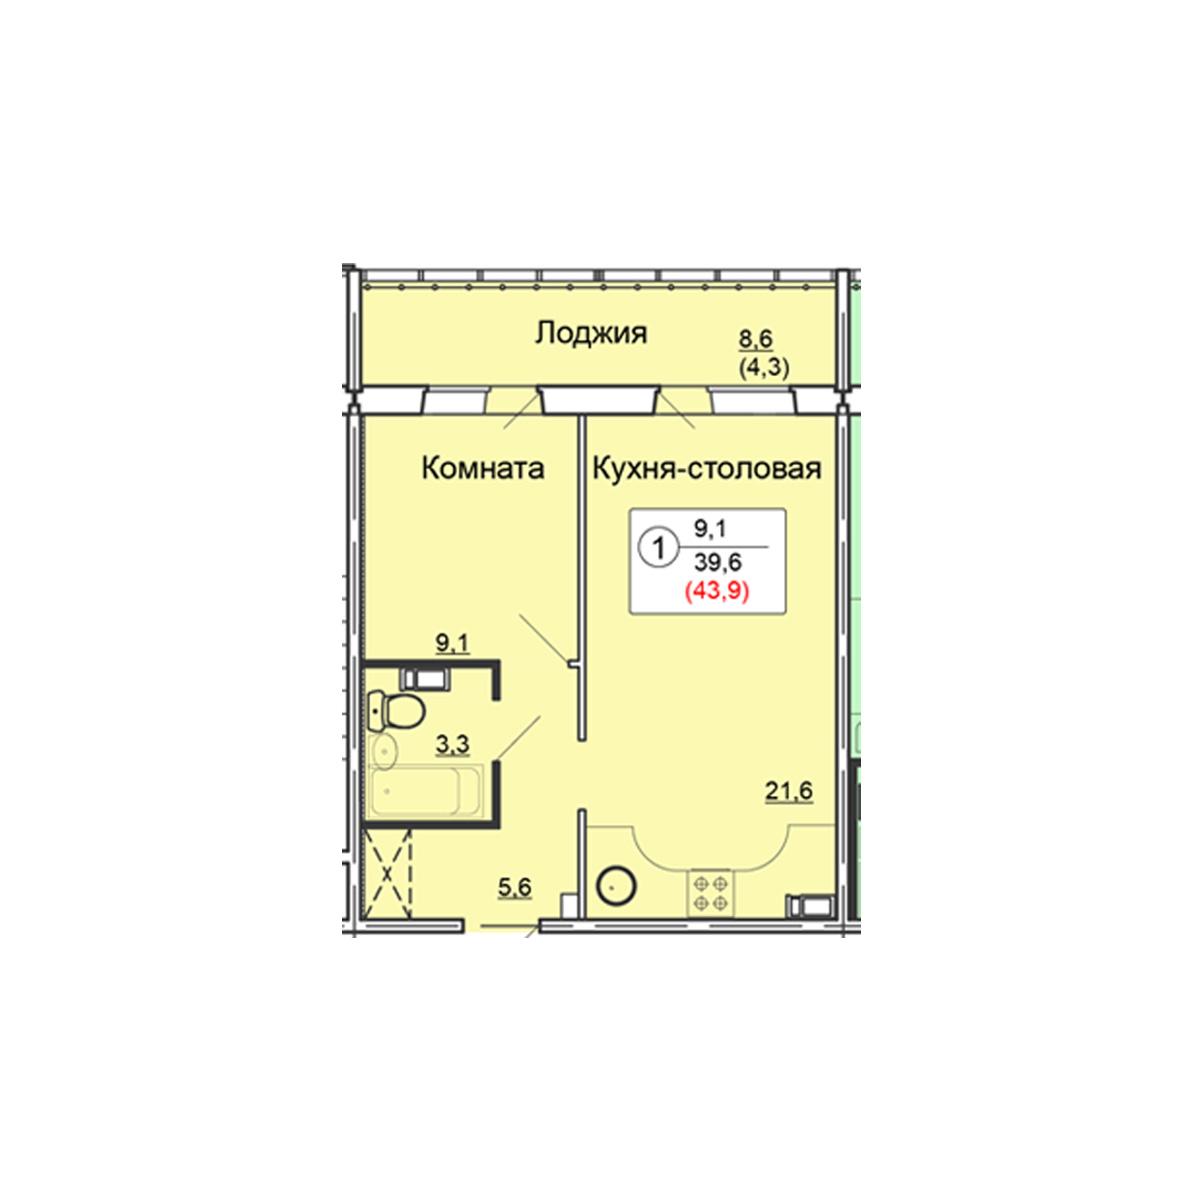 1-комнатная квартира 43.9 м<sup>2</sup>, Дом по ул. Попова, 38